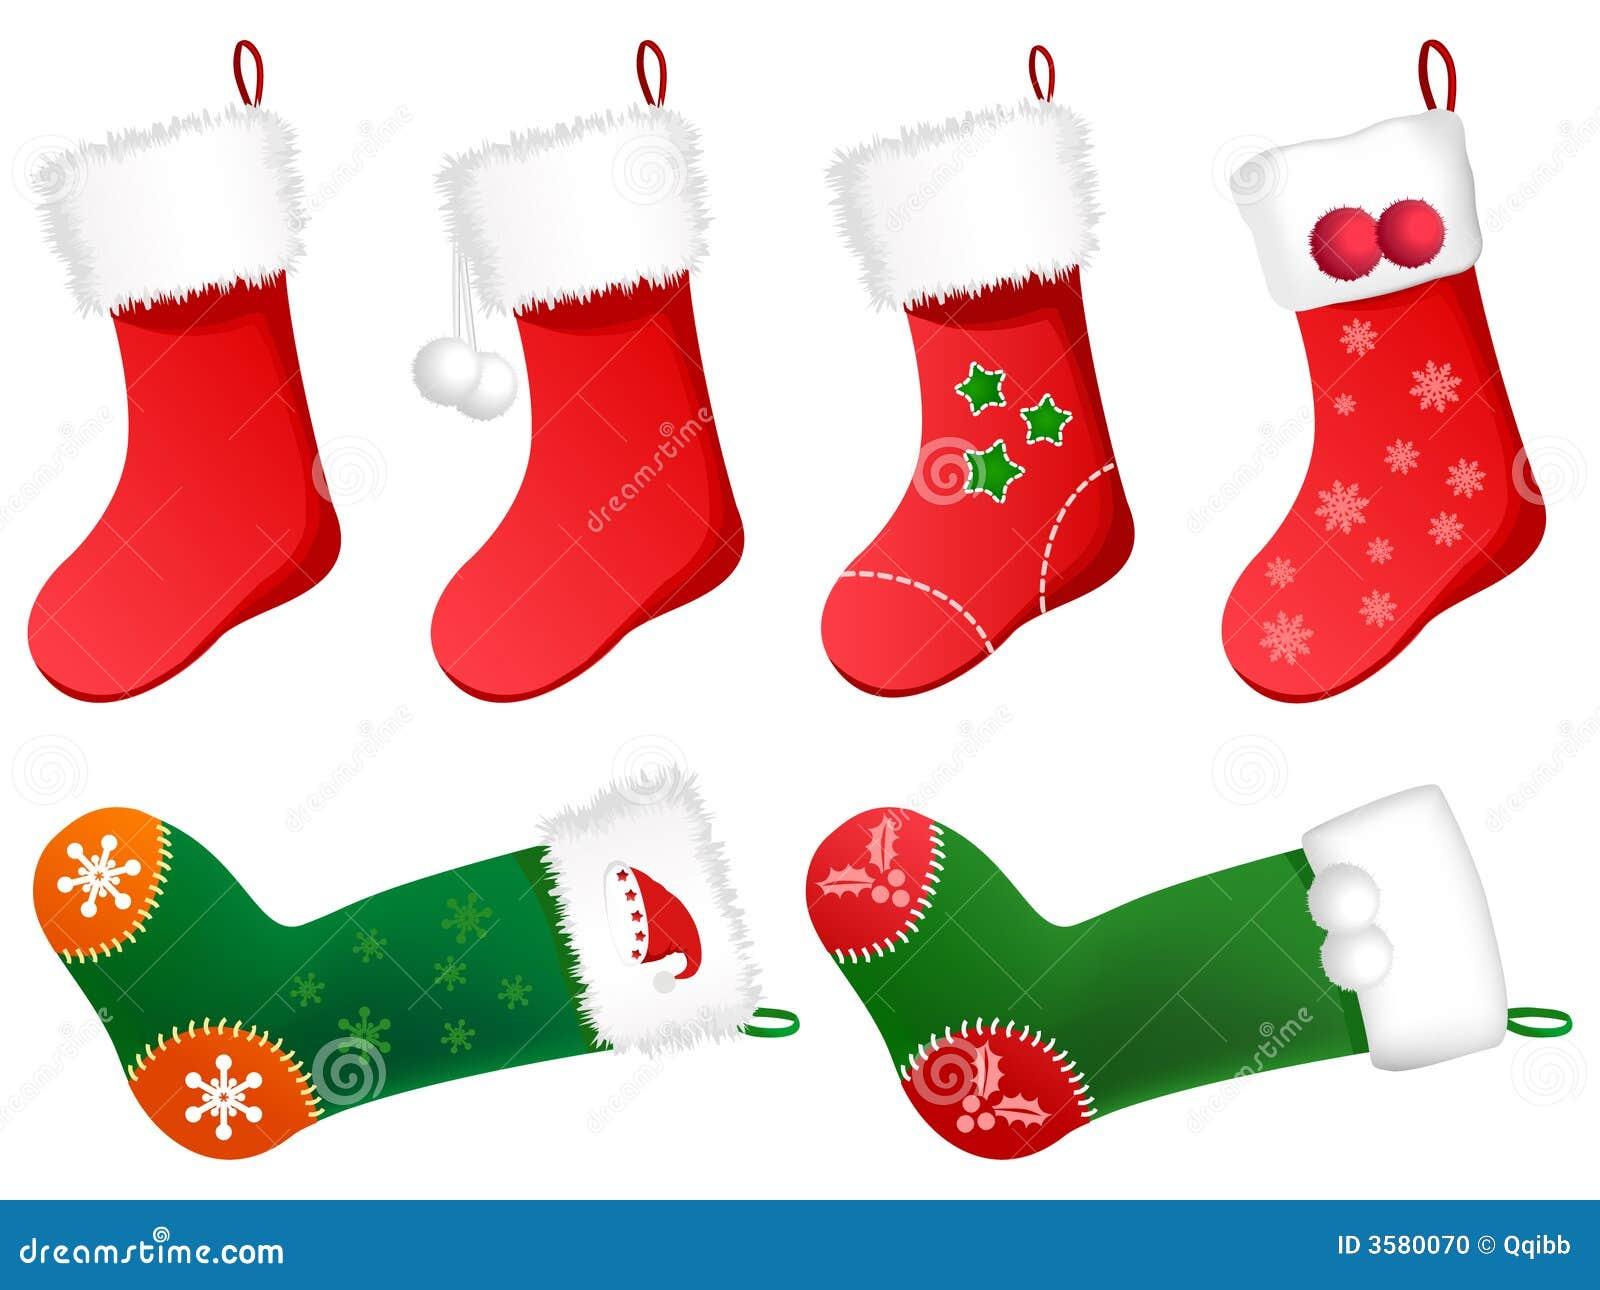 cute christmas stockings stock photo image 3580070